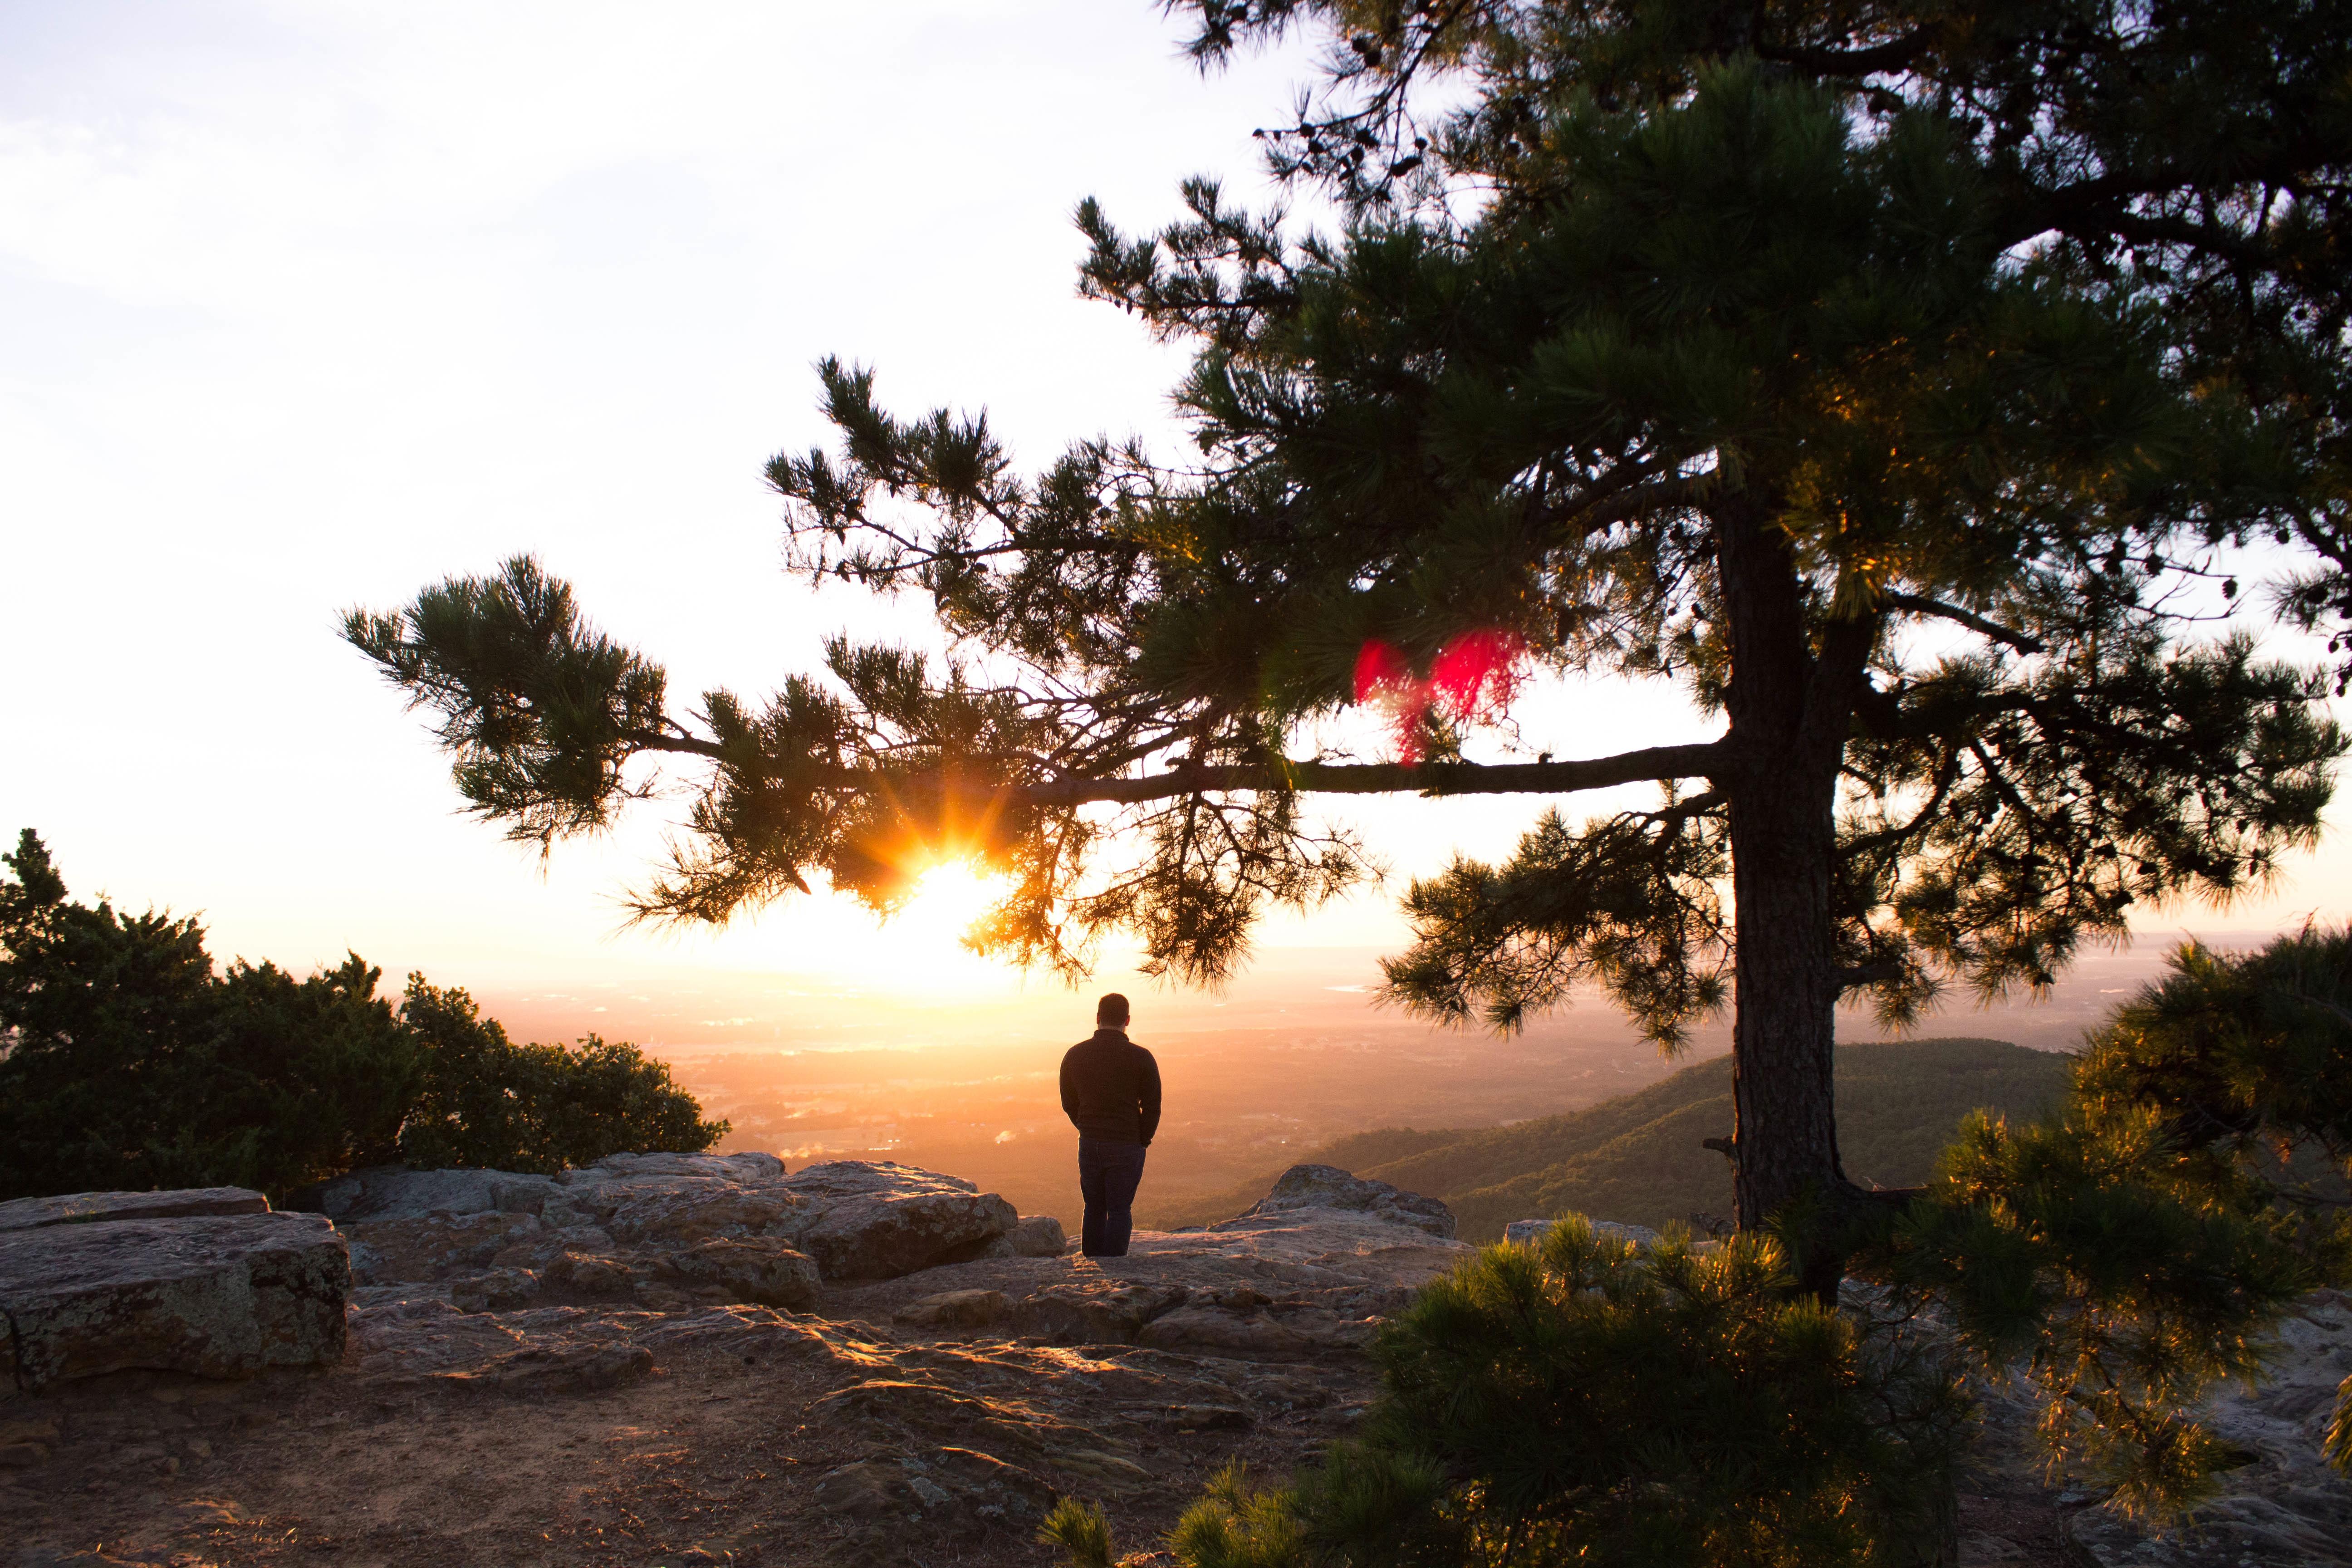 фото одинокого мужчины на природе сталкеры